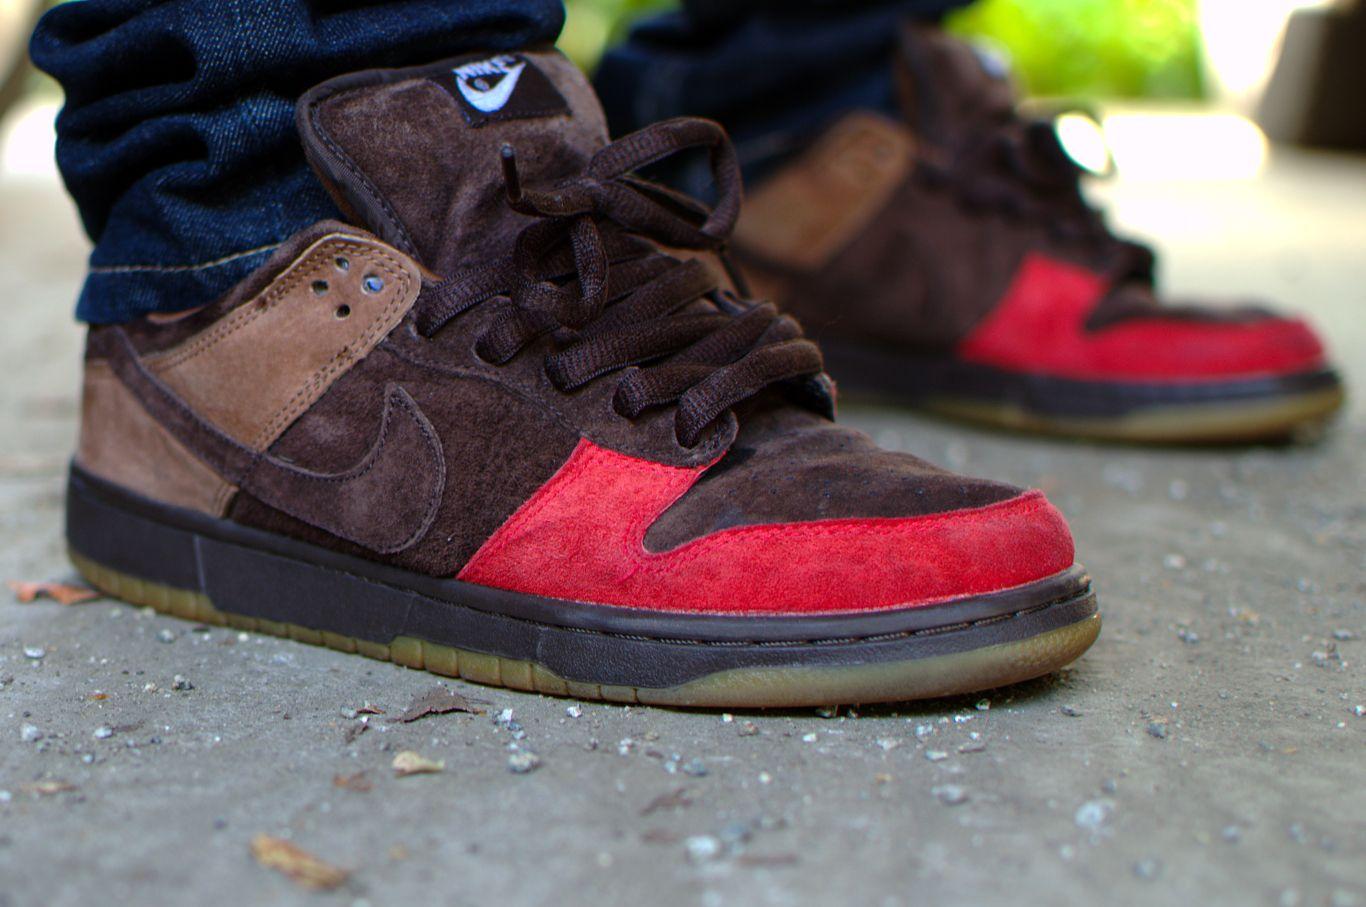 Nike SB Dunk - Bison | Nike dunks